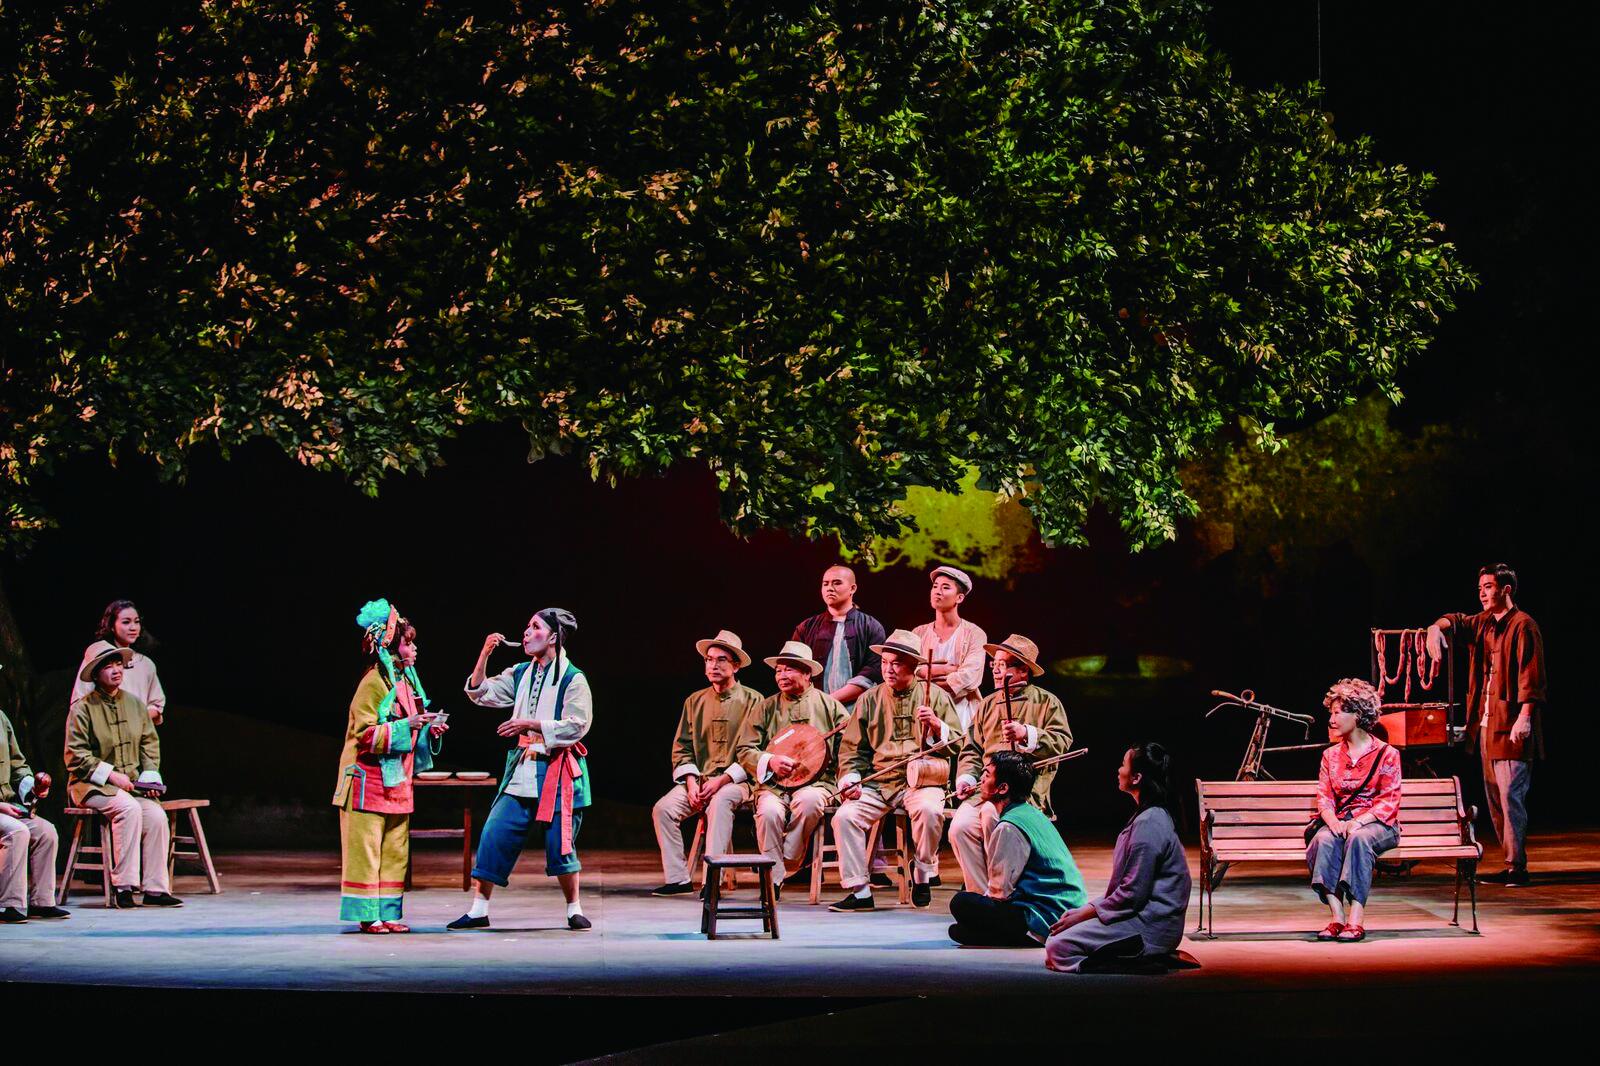 4 《相思唱歌仔》成功吸引多了元族群走進戲劇廳,隱隱地呼應了衛武營不斷強調的「眾人的藝術中心」願景。( 衛武營國家藝術文化中心提供).jpg